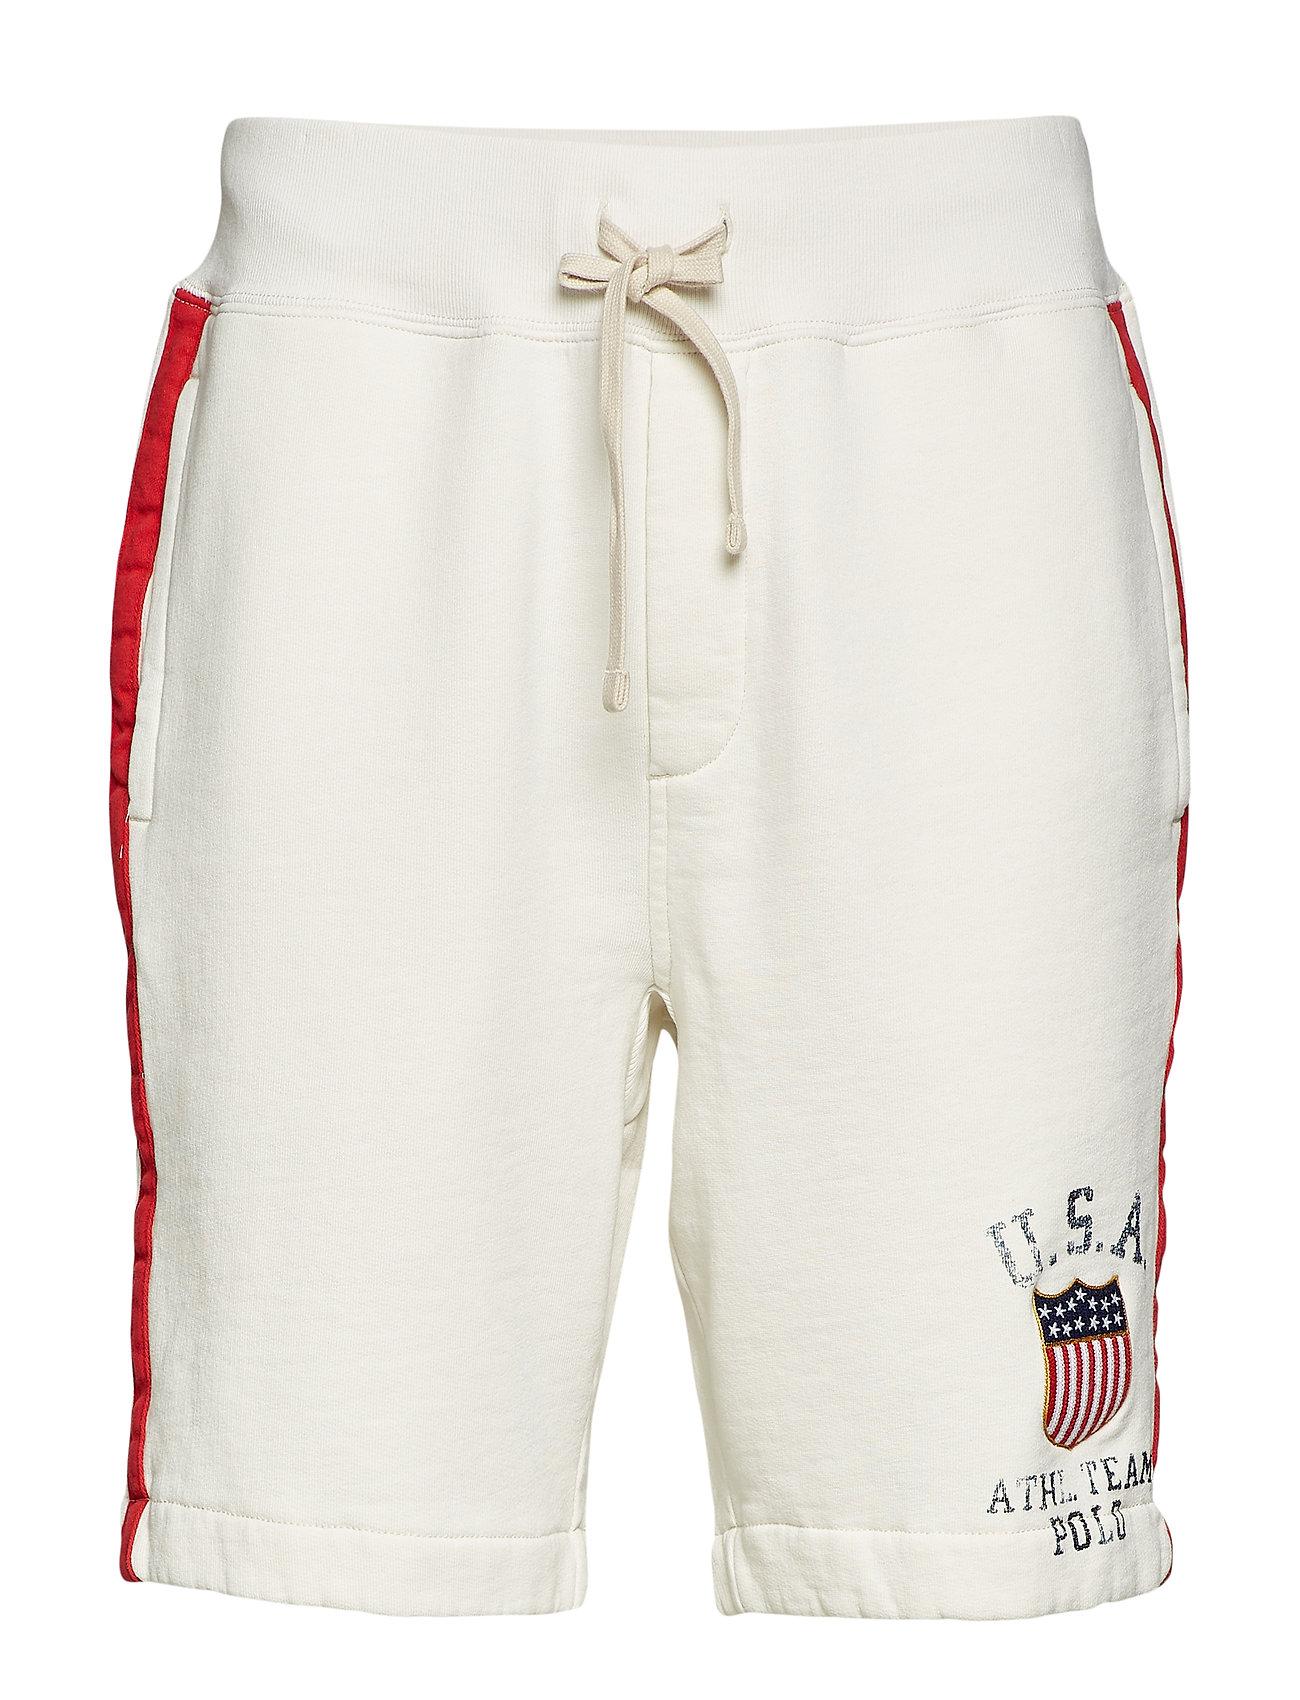 Polo Ralph Lauren Cotton-Blend-Fleece Short - NEVIS